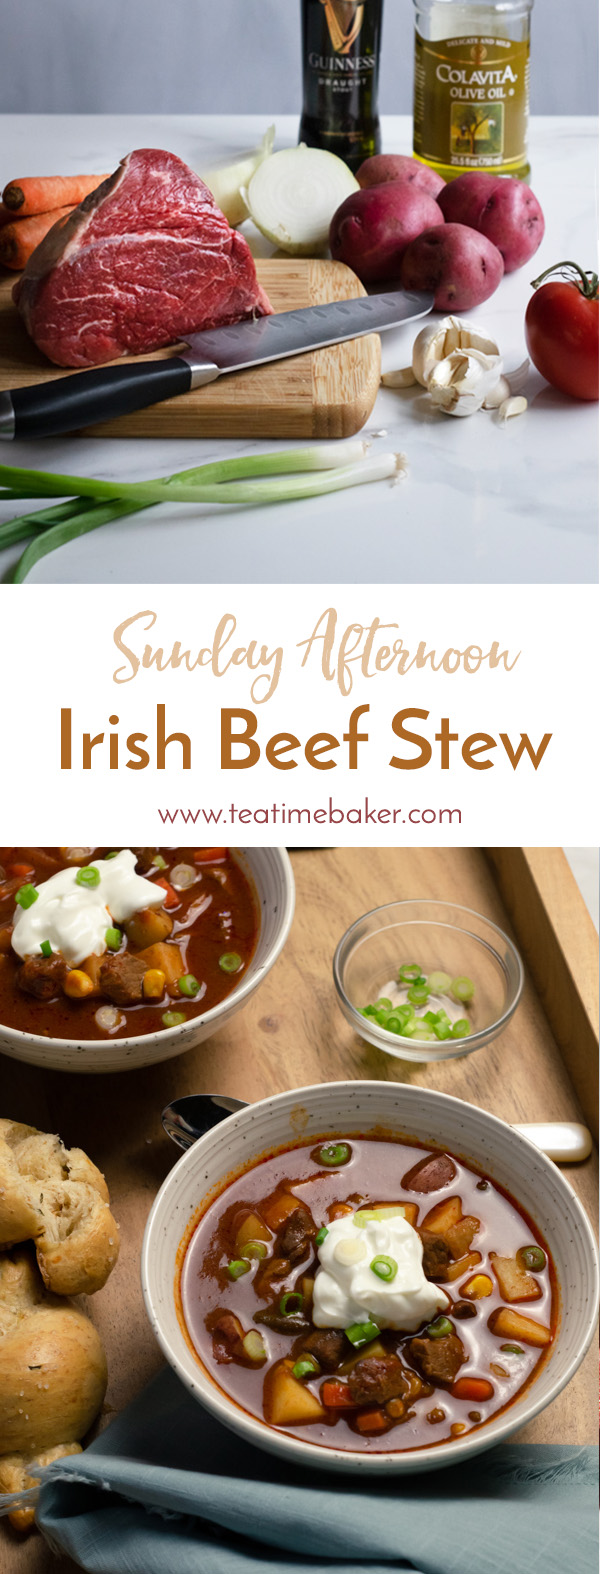 Sunday Afternoon Irish Beef Stew